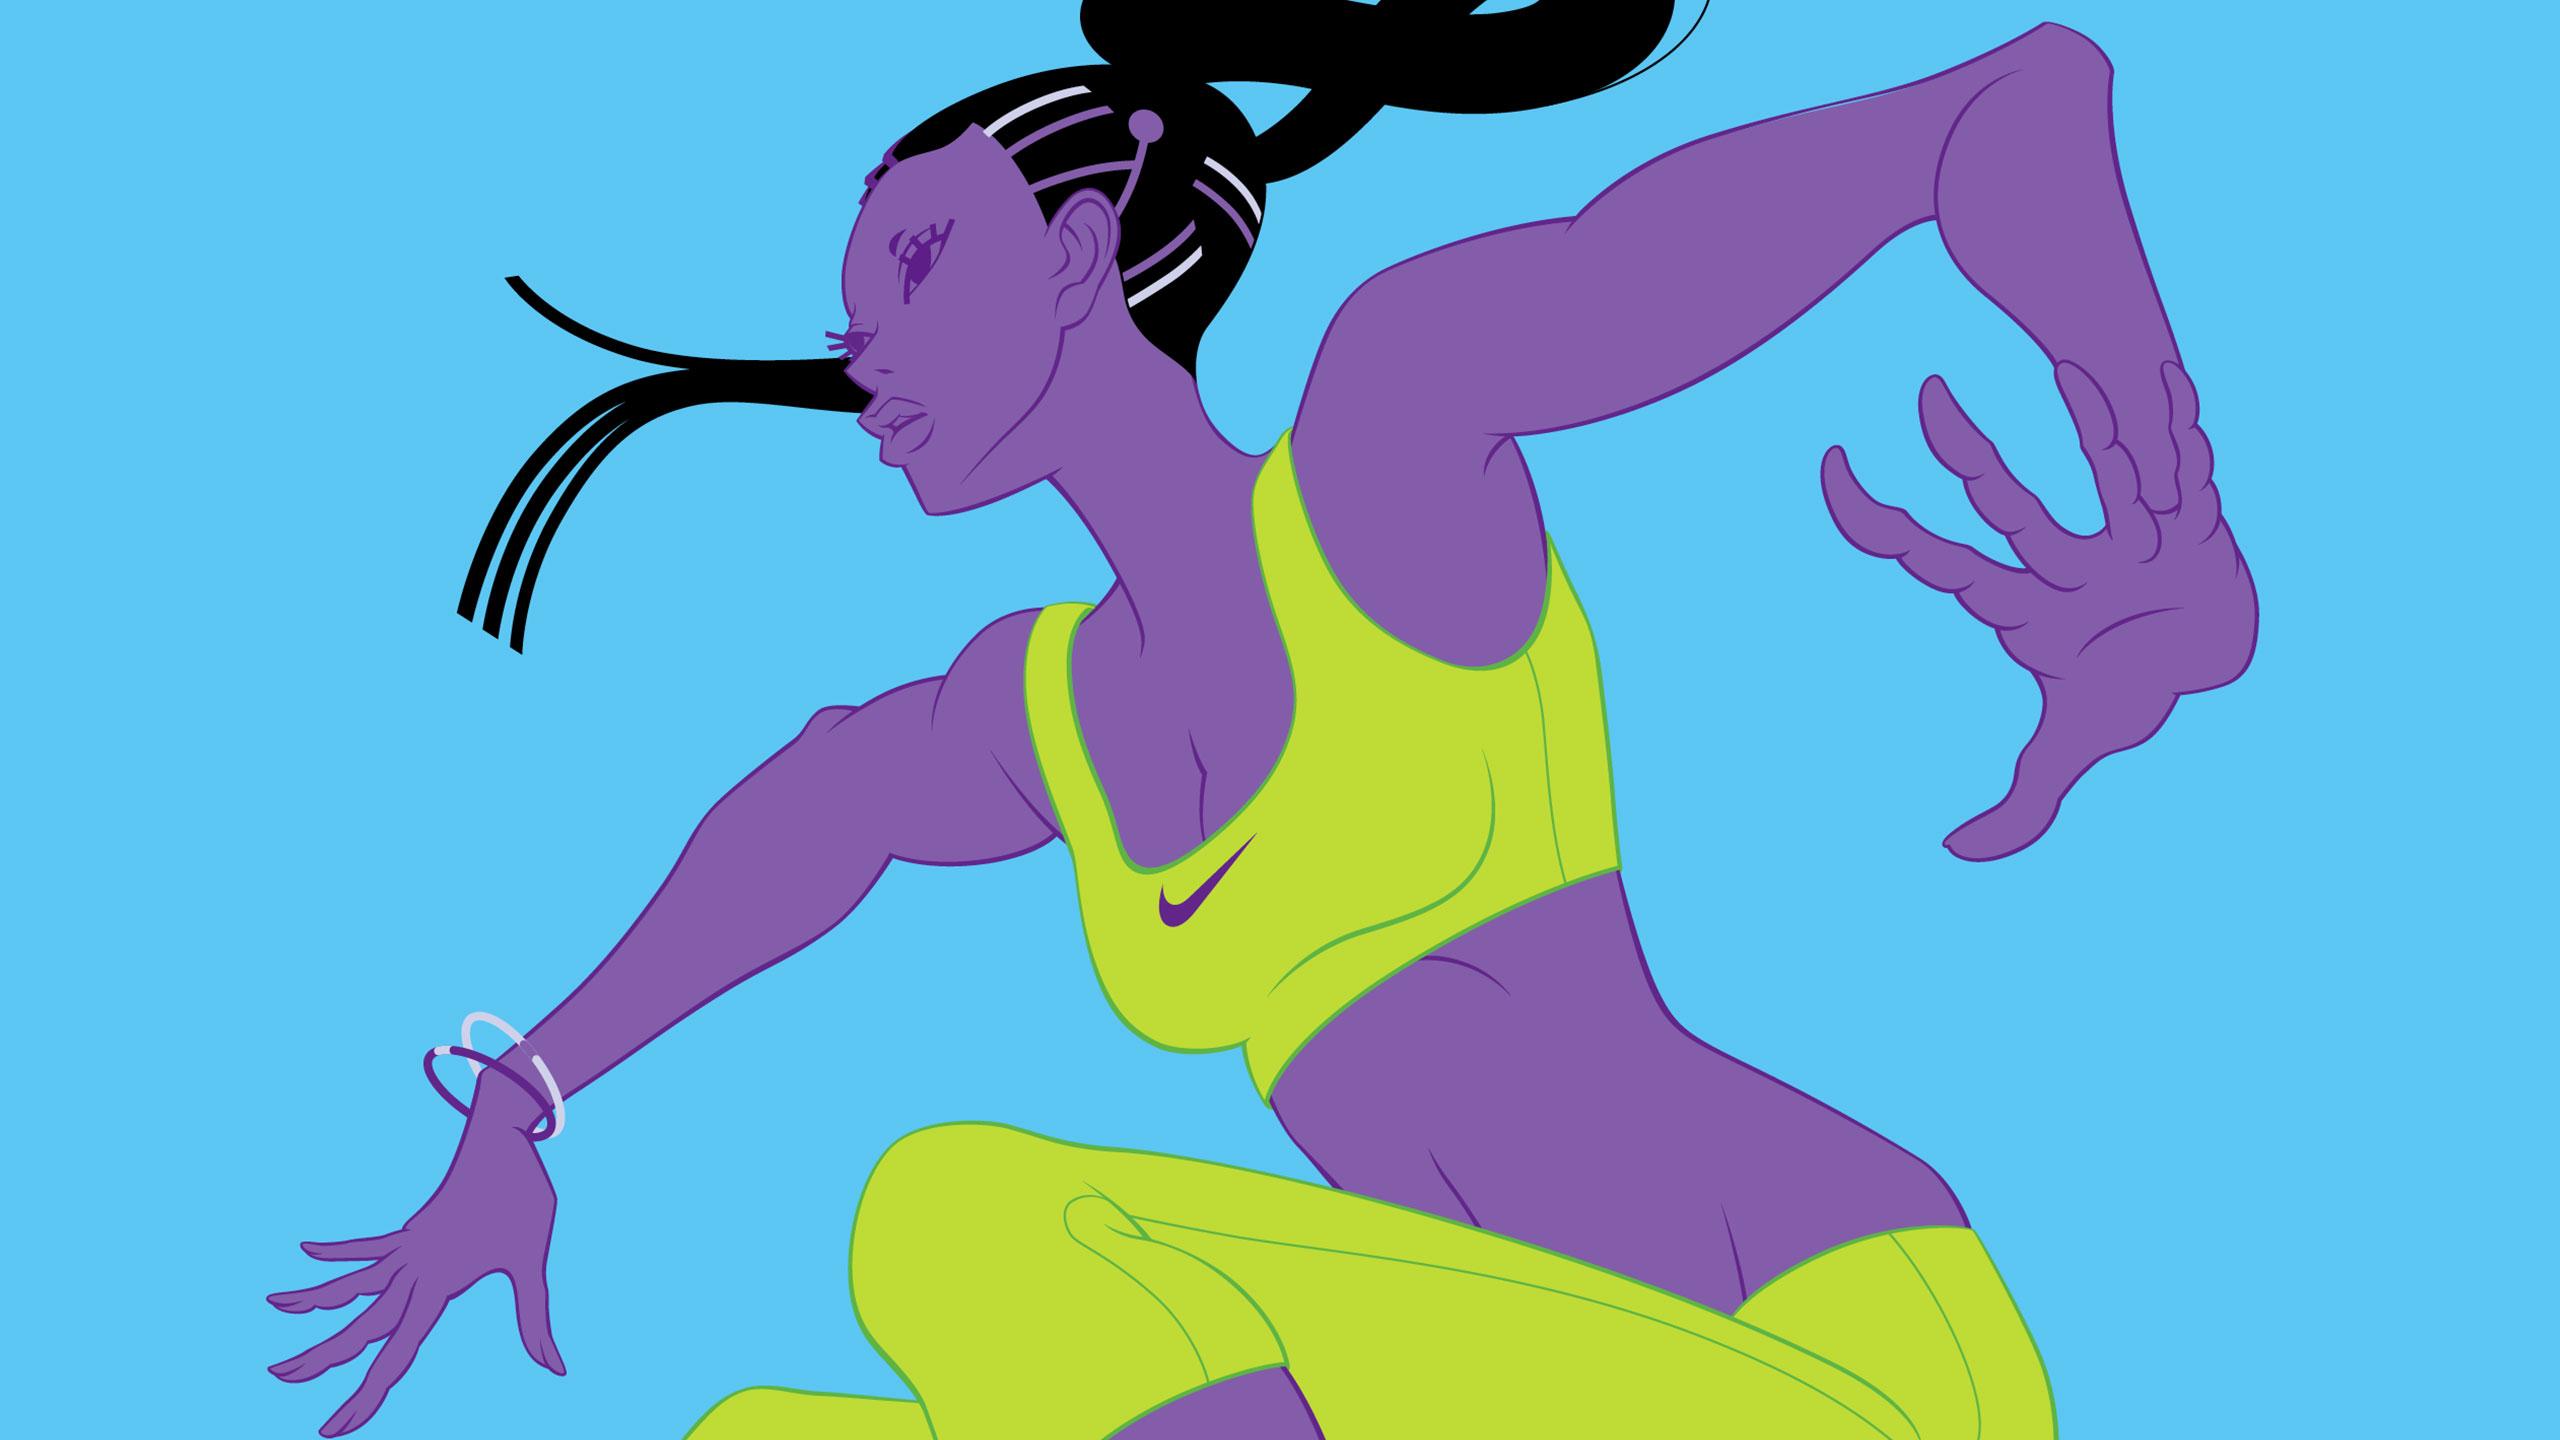 Nike Free illustration